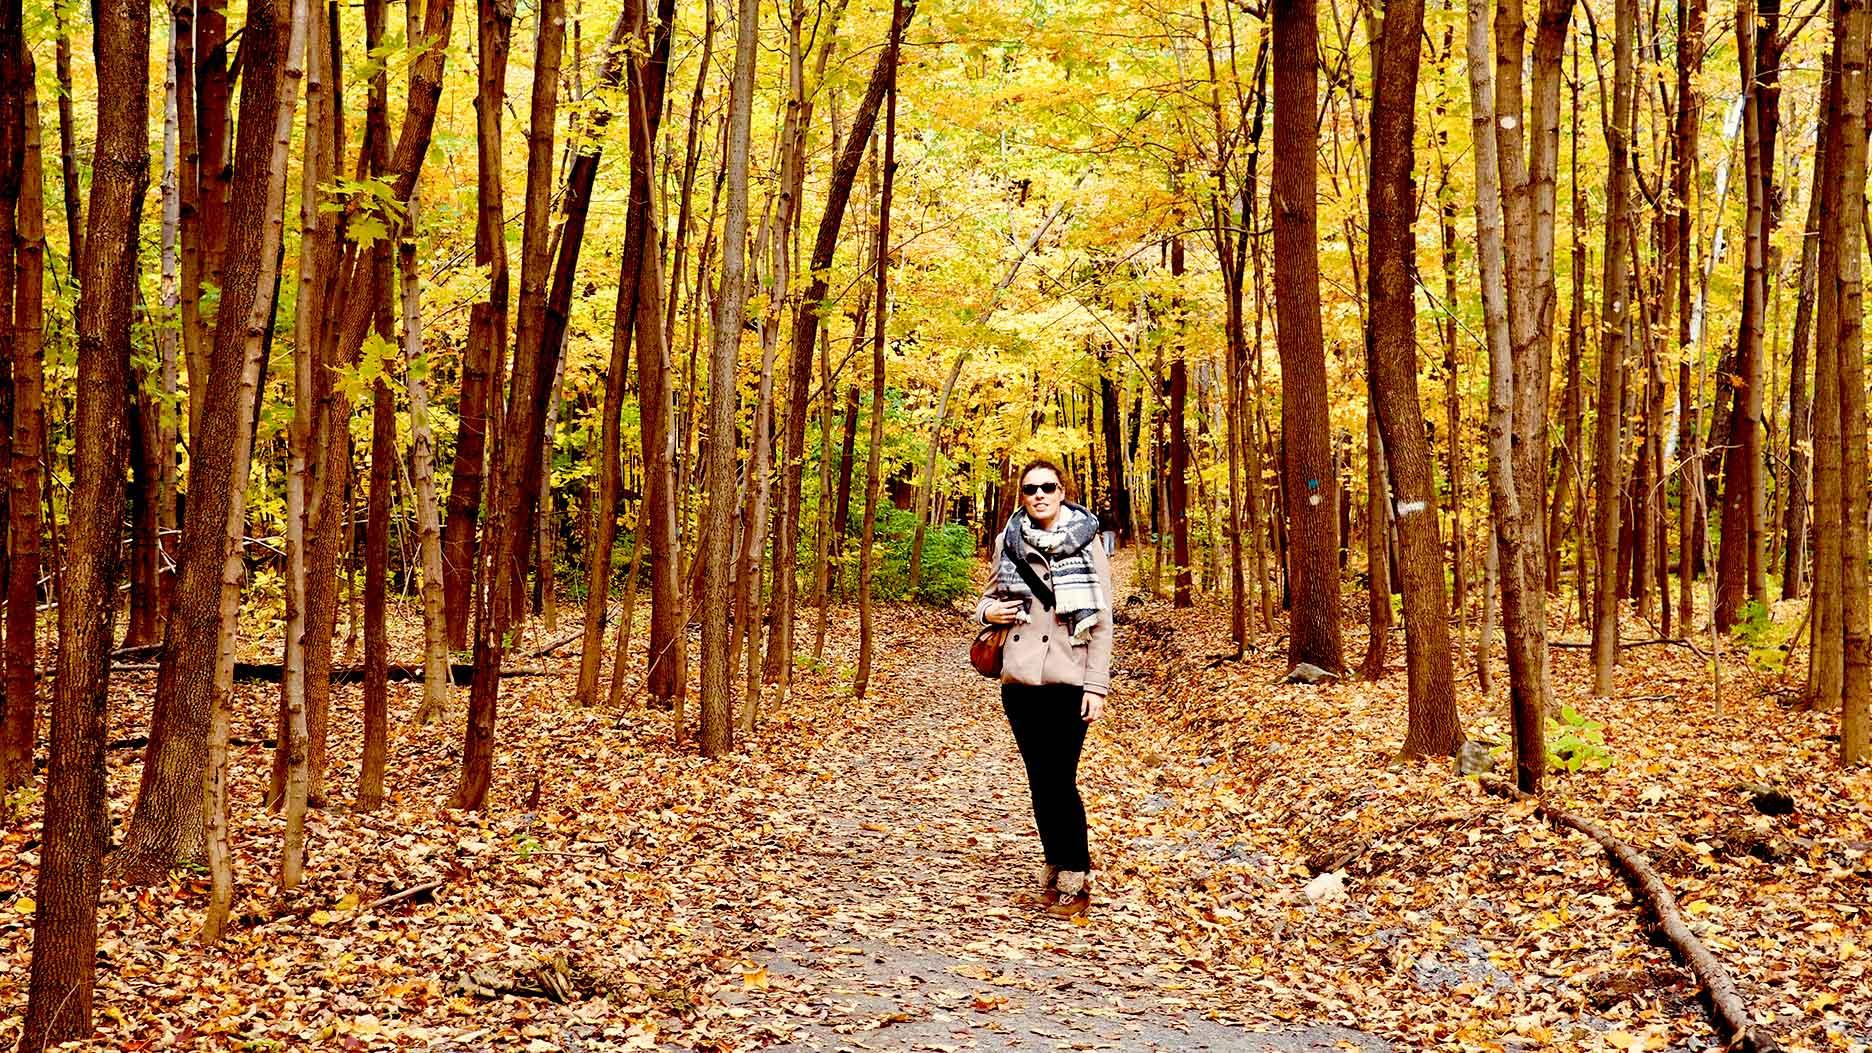 parc mont royal à montreal pendant l'automne